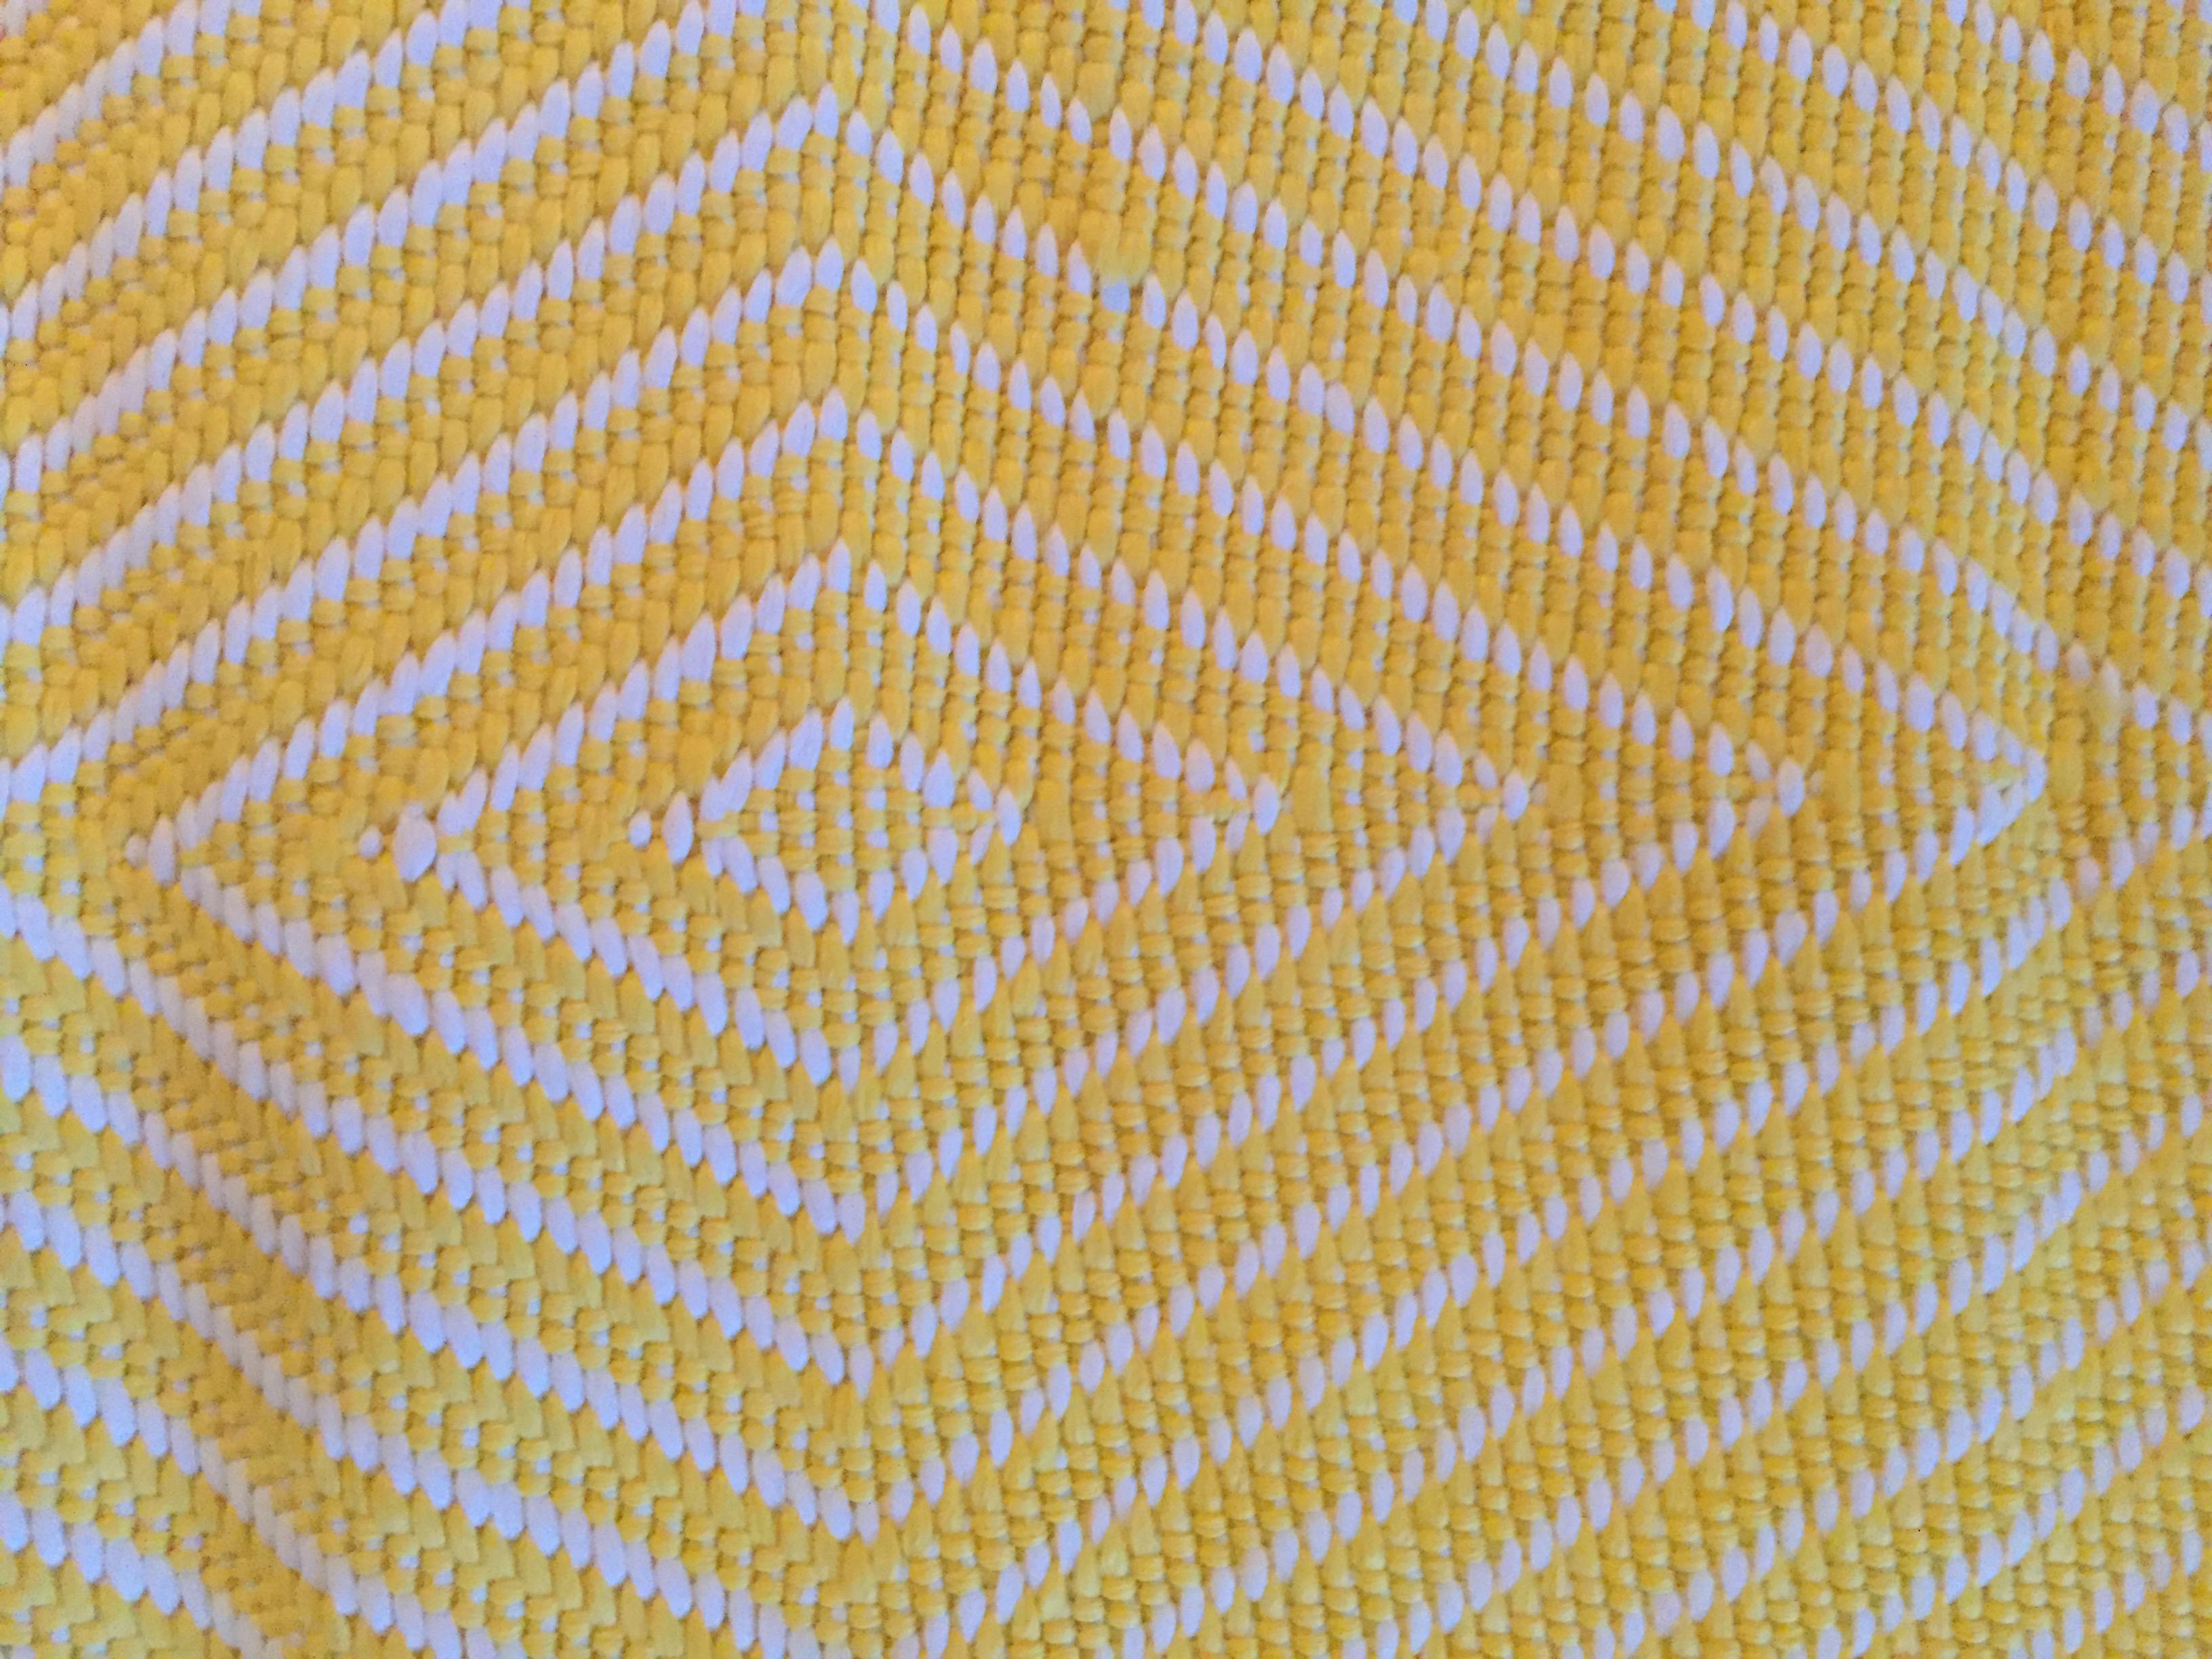 Indoor Outdoor Rug Bright Yellow White 3 X 5 Chairish